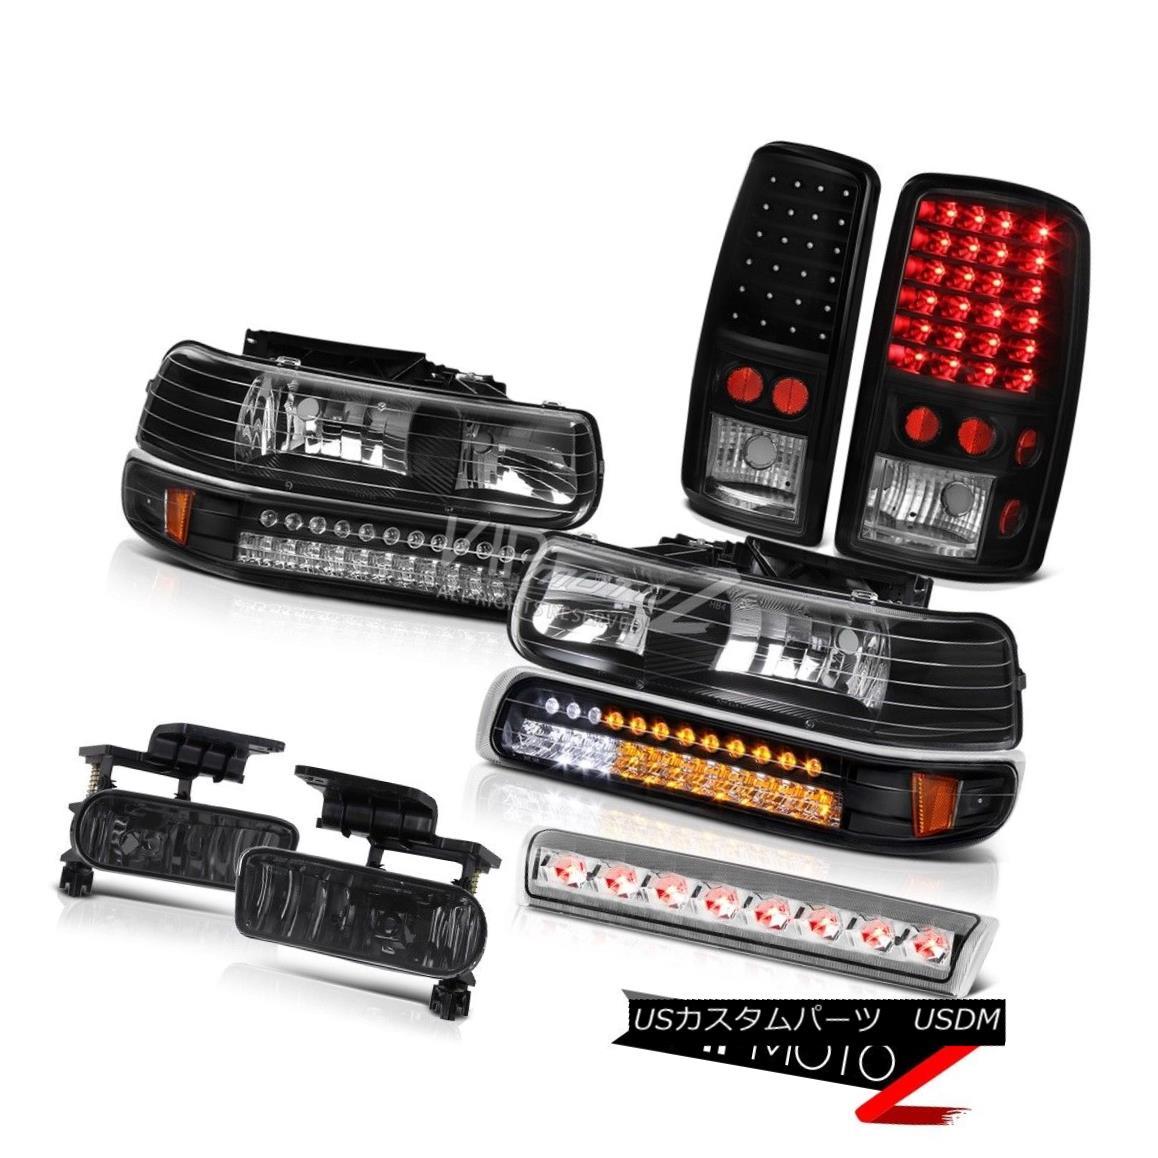 ヘッドライト 2000-2006 Tahoe 4X4 High stop light foglamps black tail lamps headlamps LED SMD 2000-2006タホ4X4ハイストップライトフォグランプブラックテールランプヘッドランプLED SMD